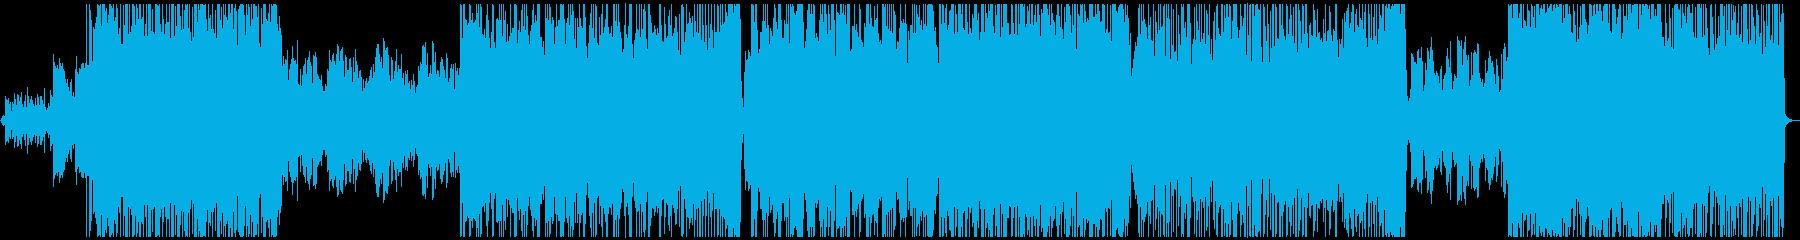 優しい雰囲気のロックバラードの再生済みの波形